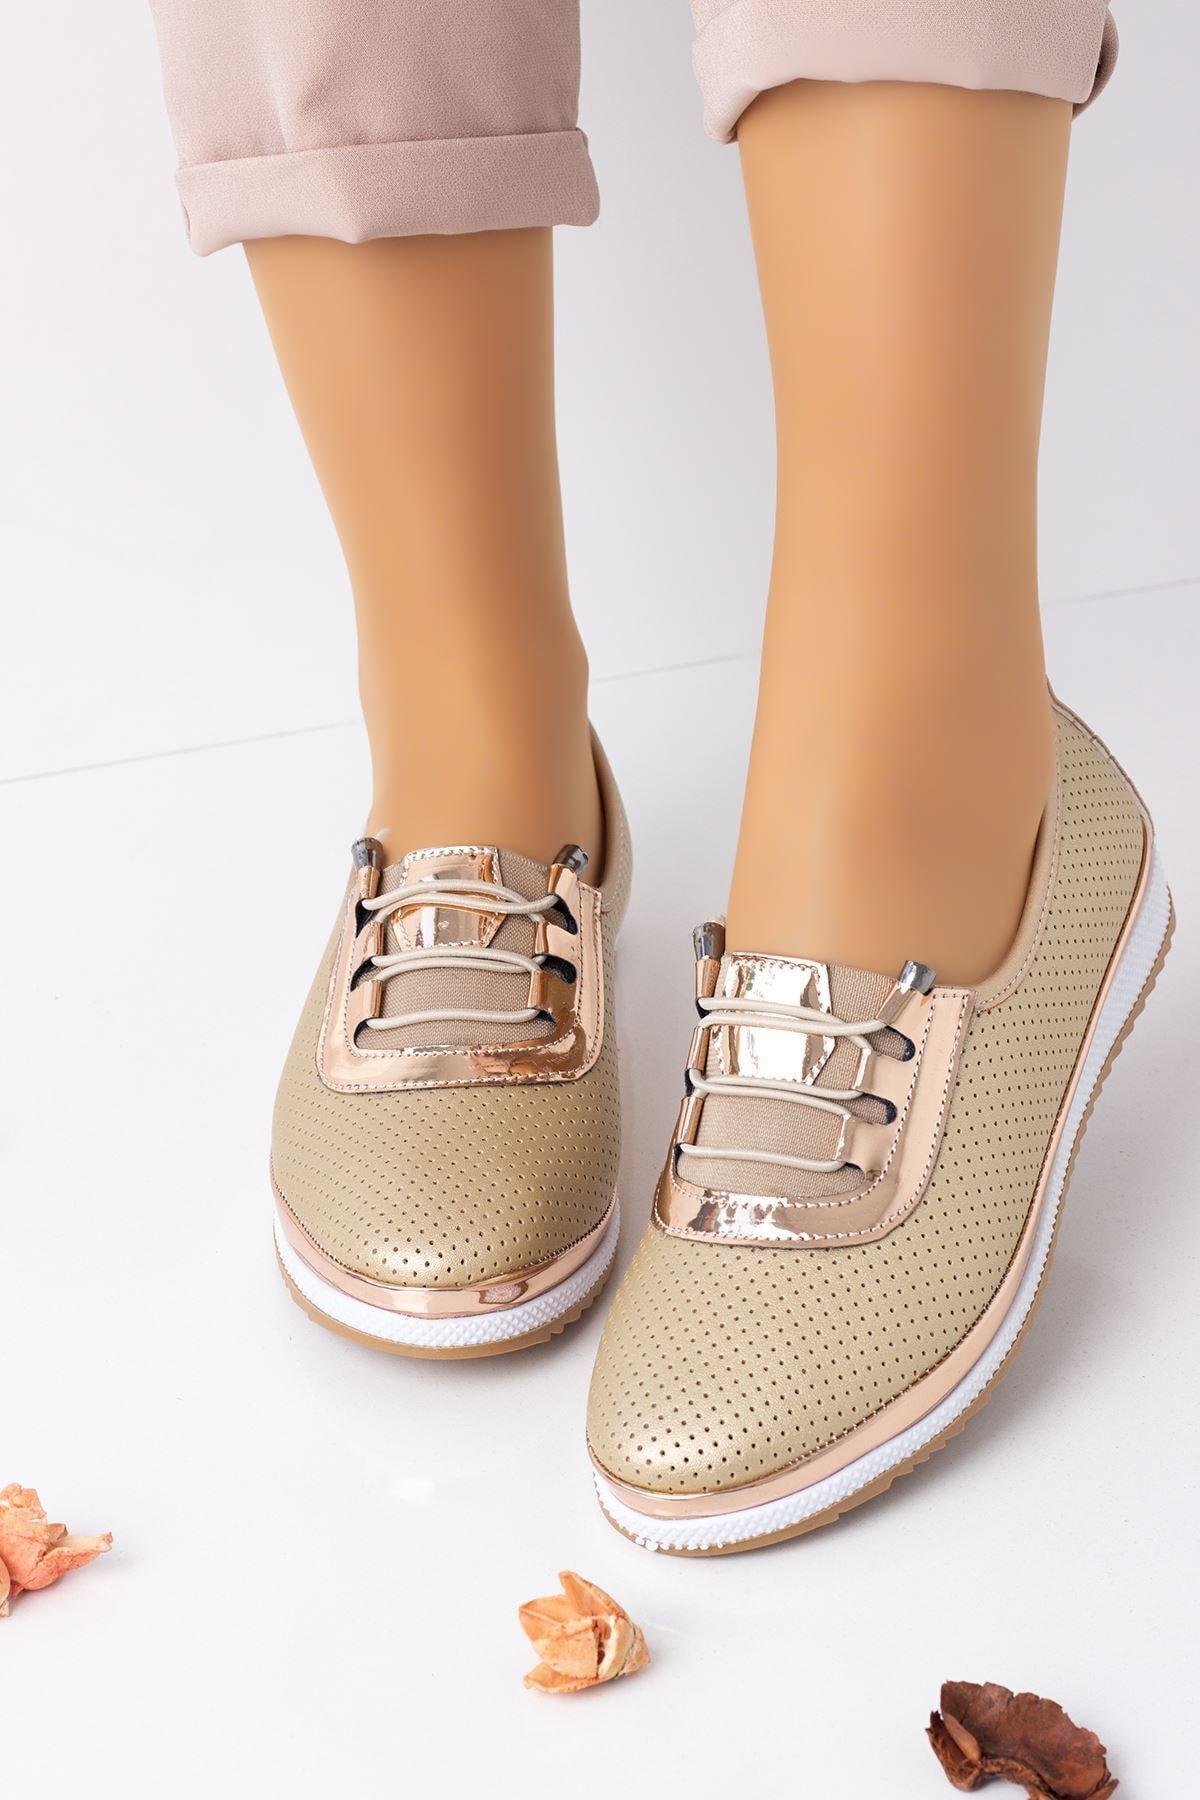 Kadın Rahat Ortopedik Babet Spor Ayakkabı-dore